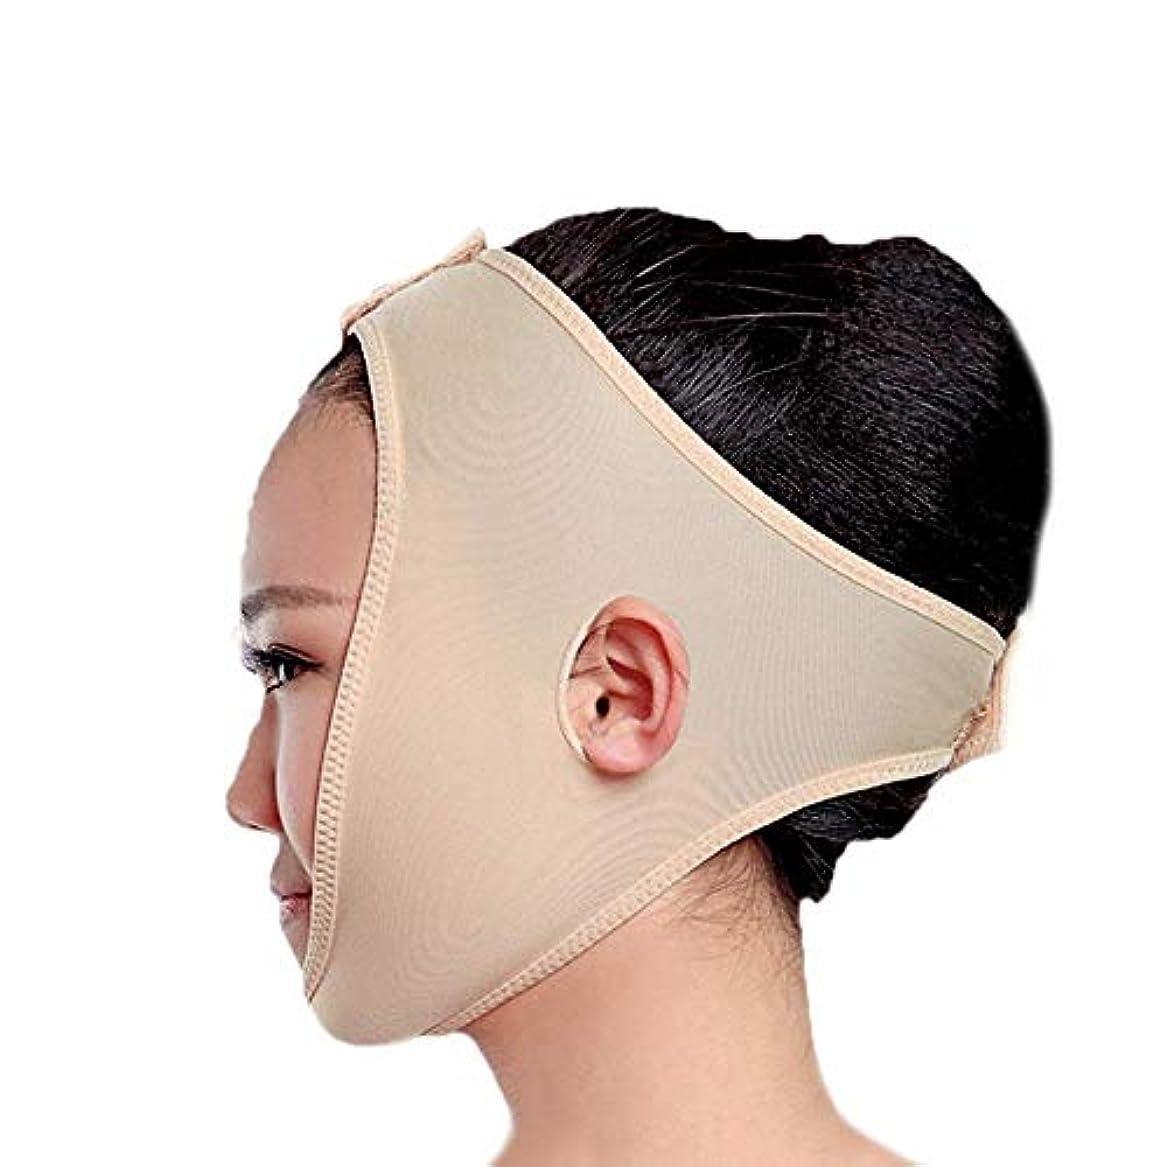 フェイススリミングマスク、快適さと通気性、フェイシャルリフティング、輪郭の改善された硬さ、ファーミングとリフティングフェイス(カラー:ブラック、サイズ:XL),黄色がかったピンク2、L